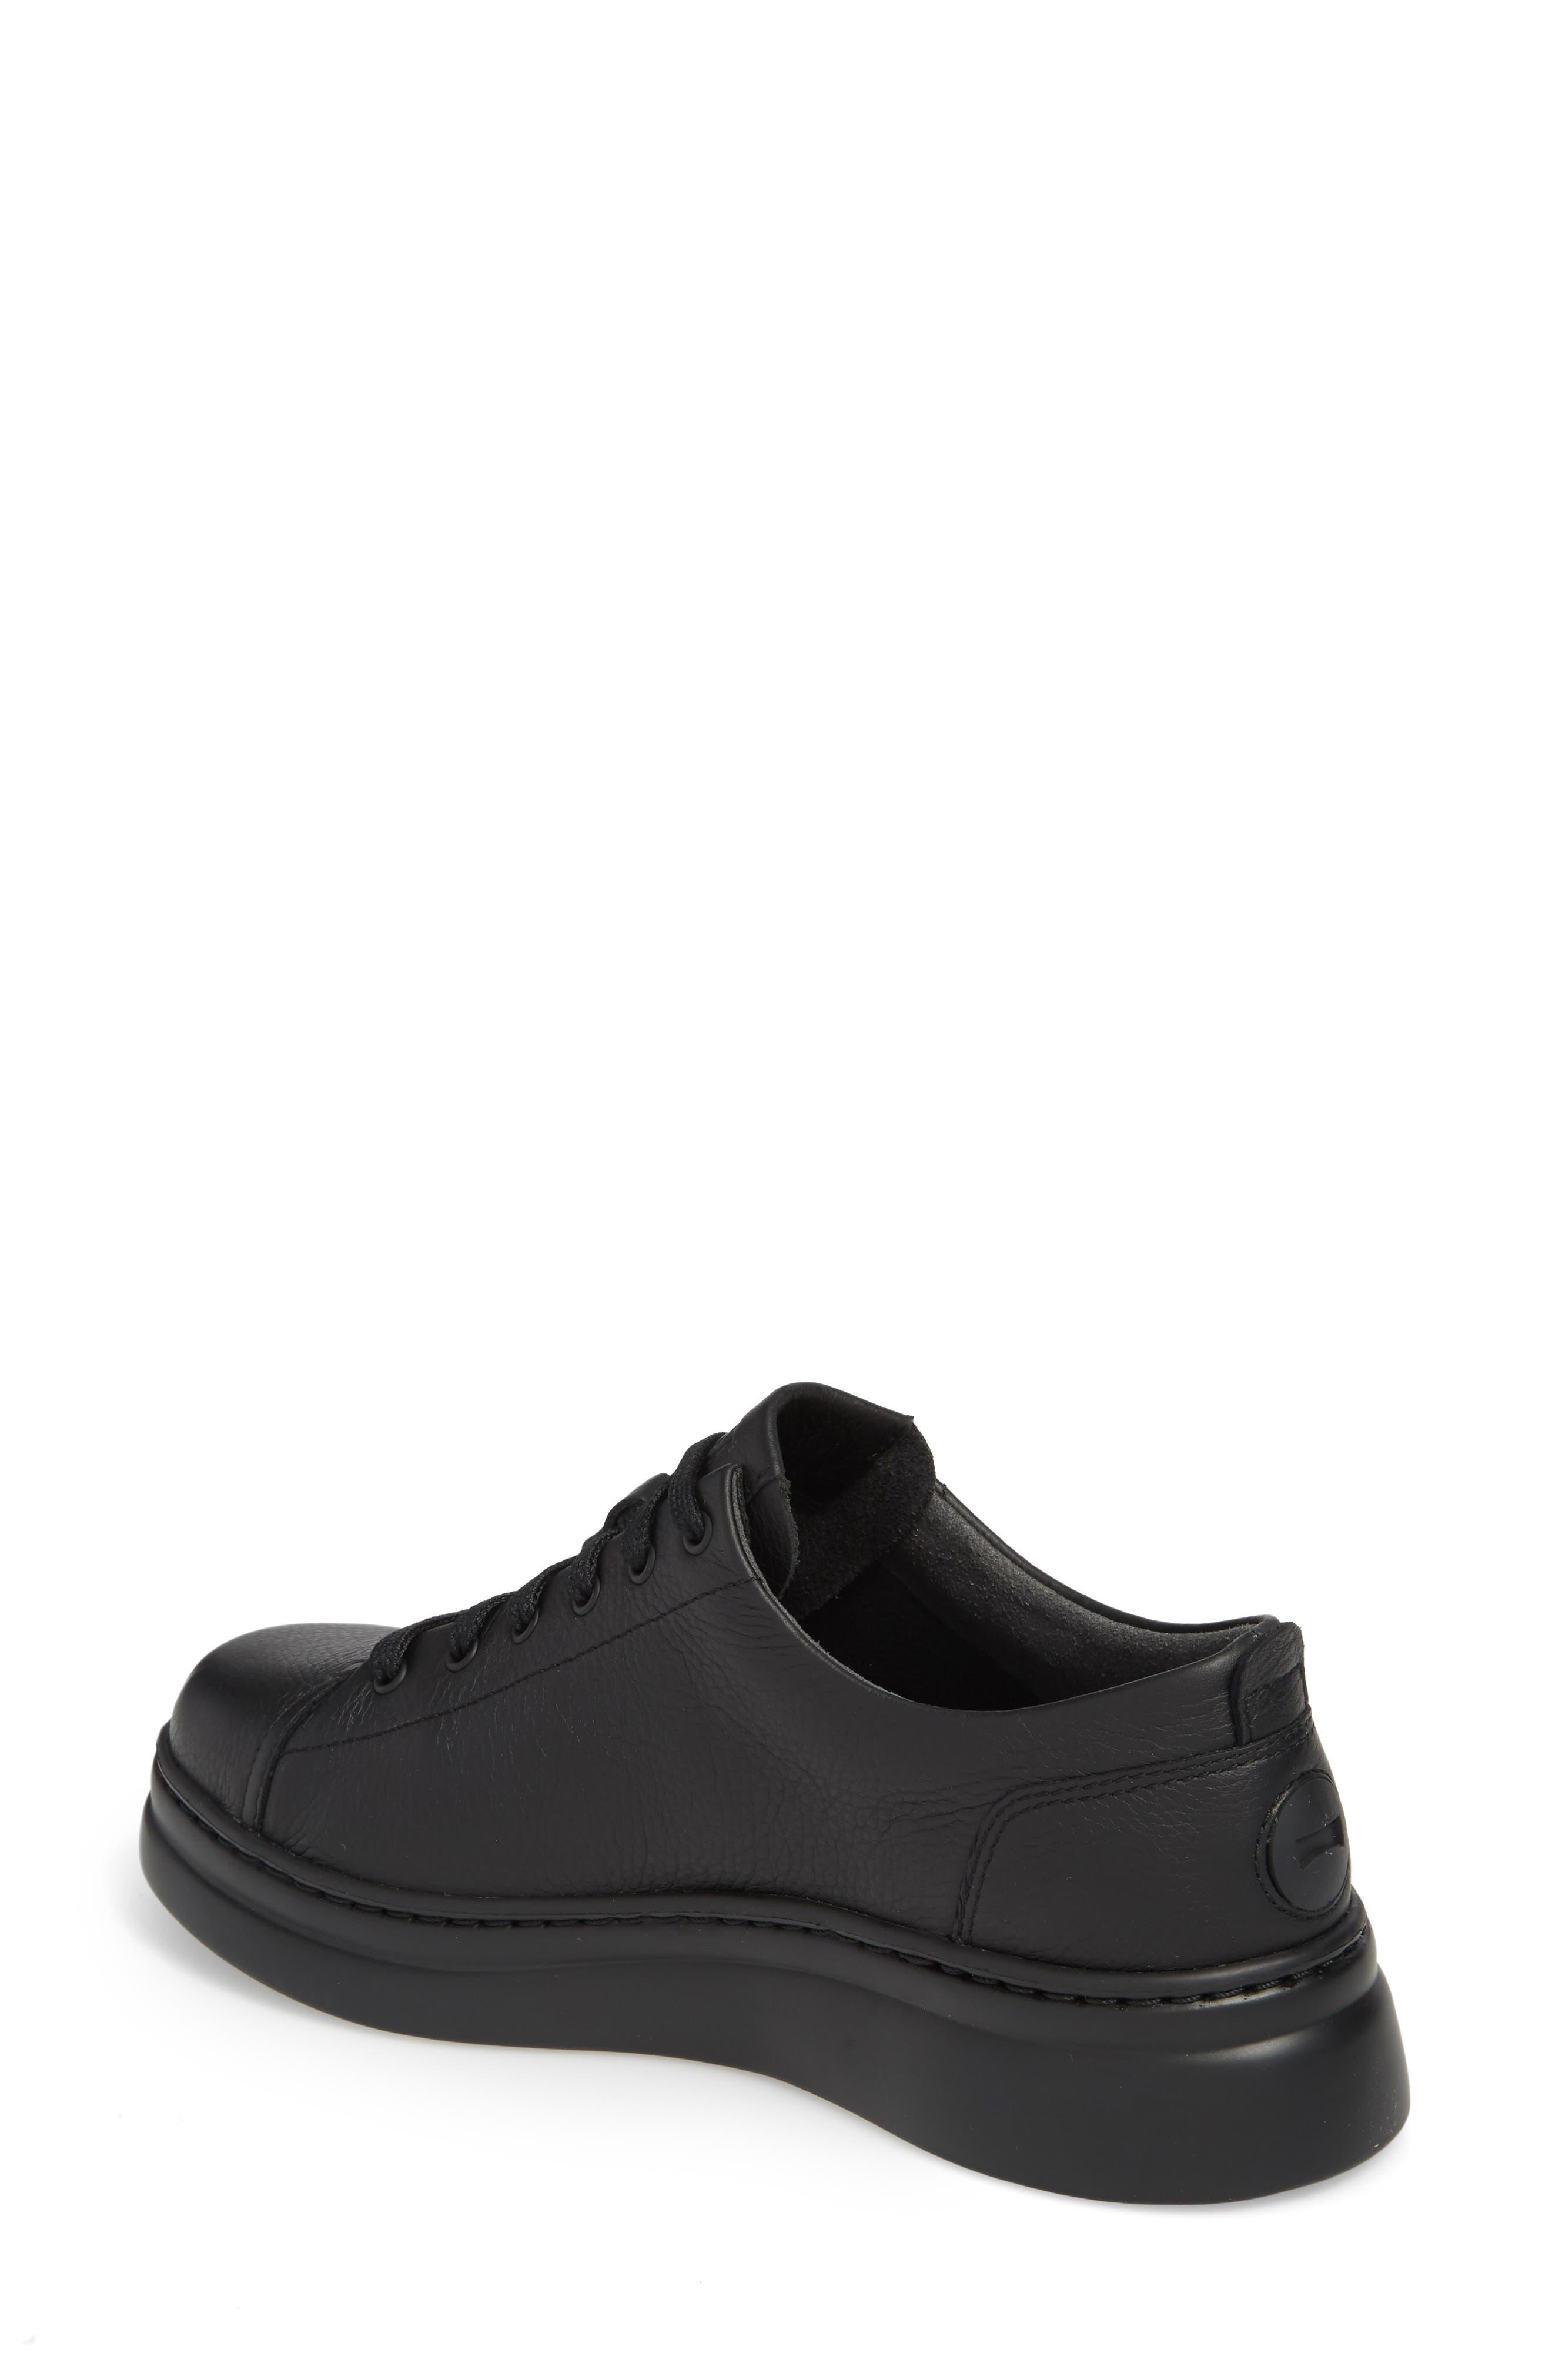 Runner Up Sneaker,                             Alternate thumbnail 2, color,                             BLACK LEATHER